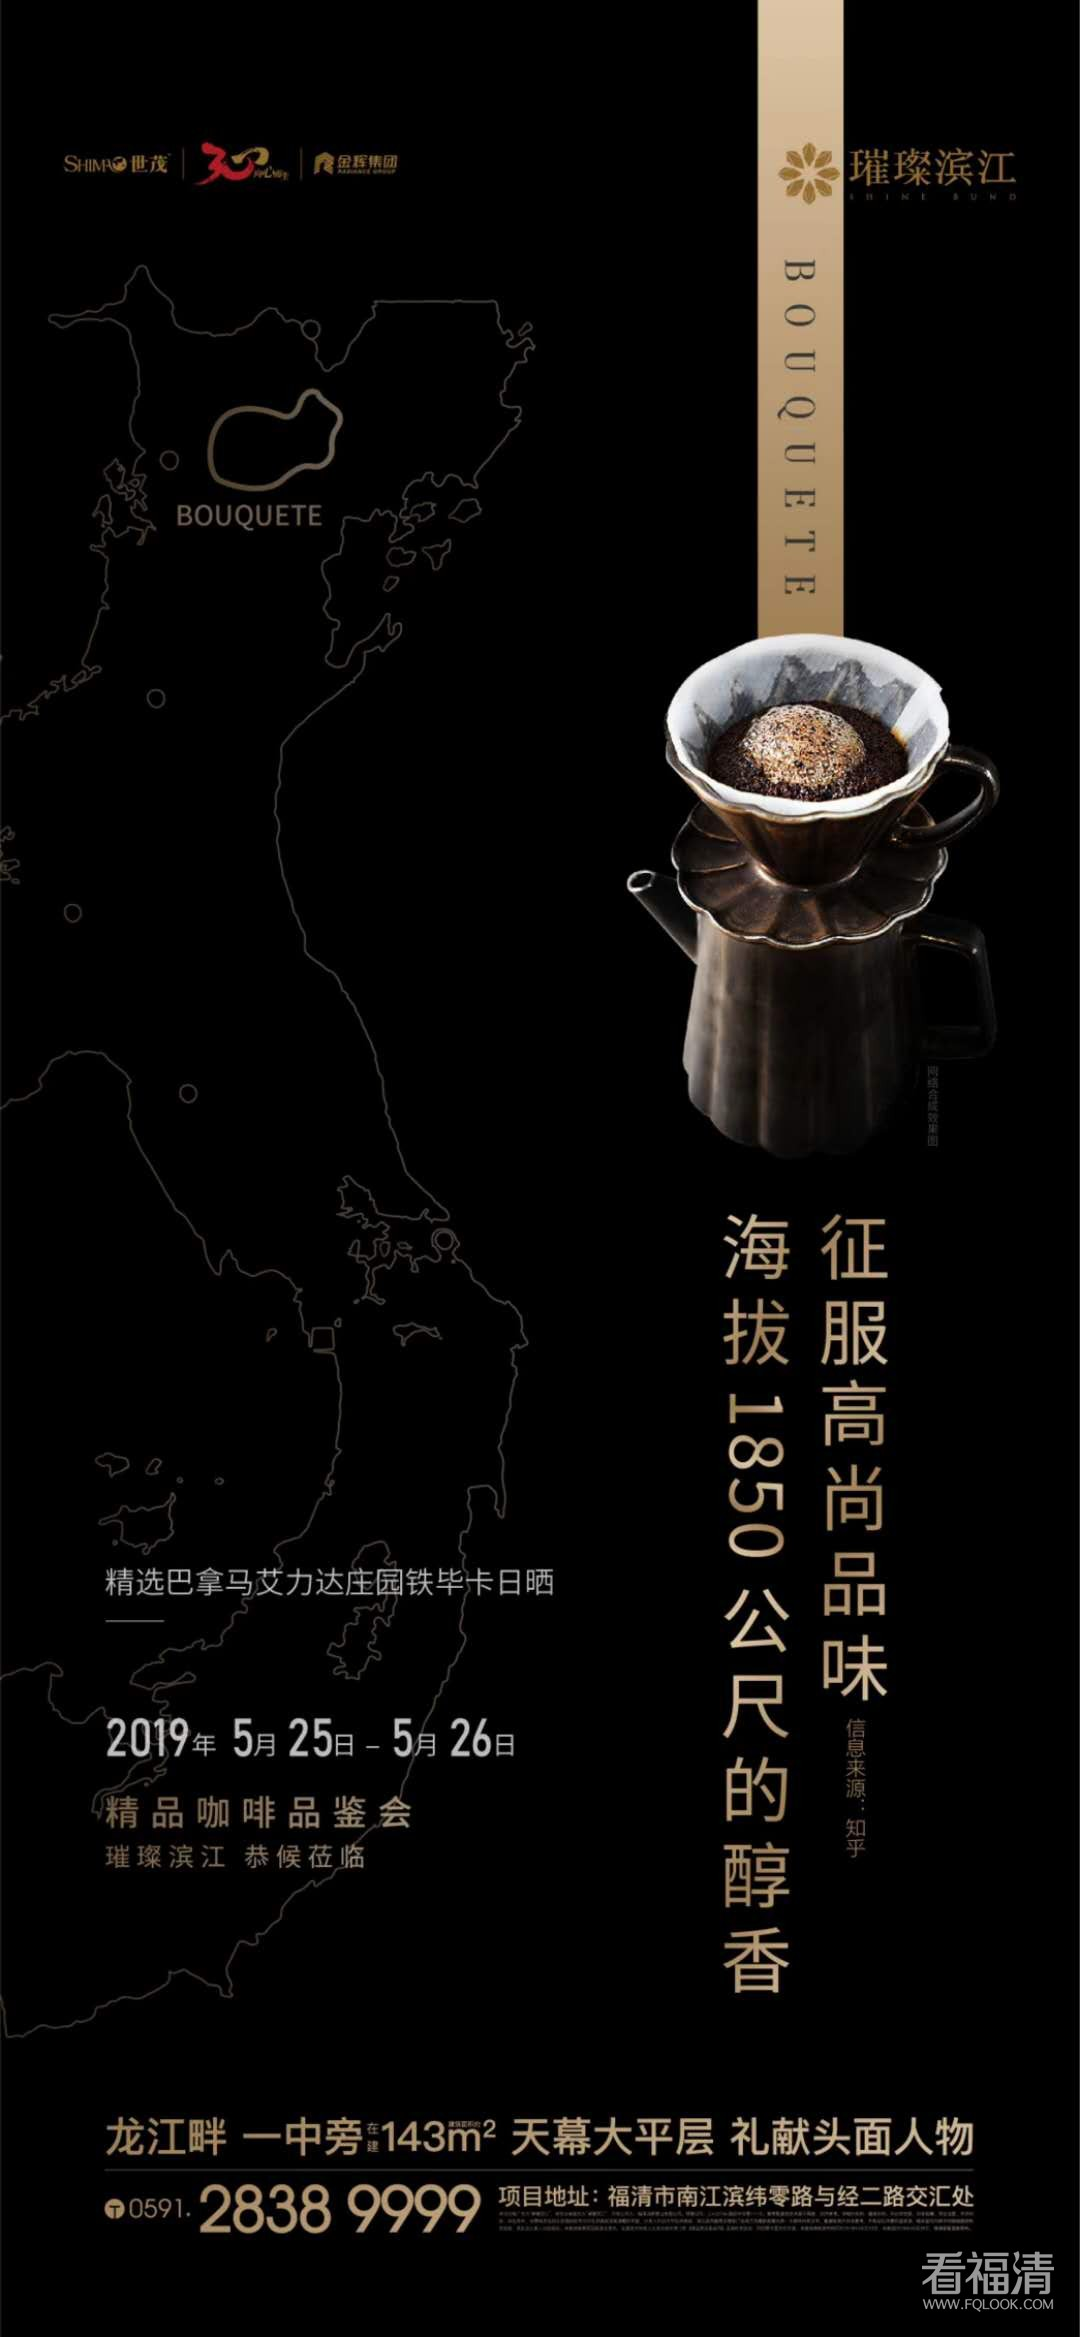 璀璨滨江 精品咖啡品鉴会  5月25-26日 恭候莅临